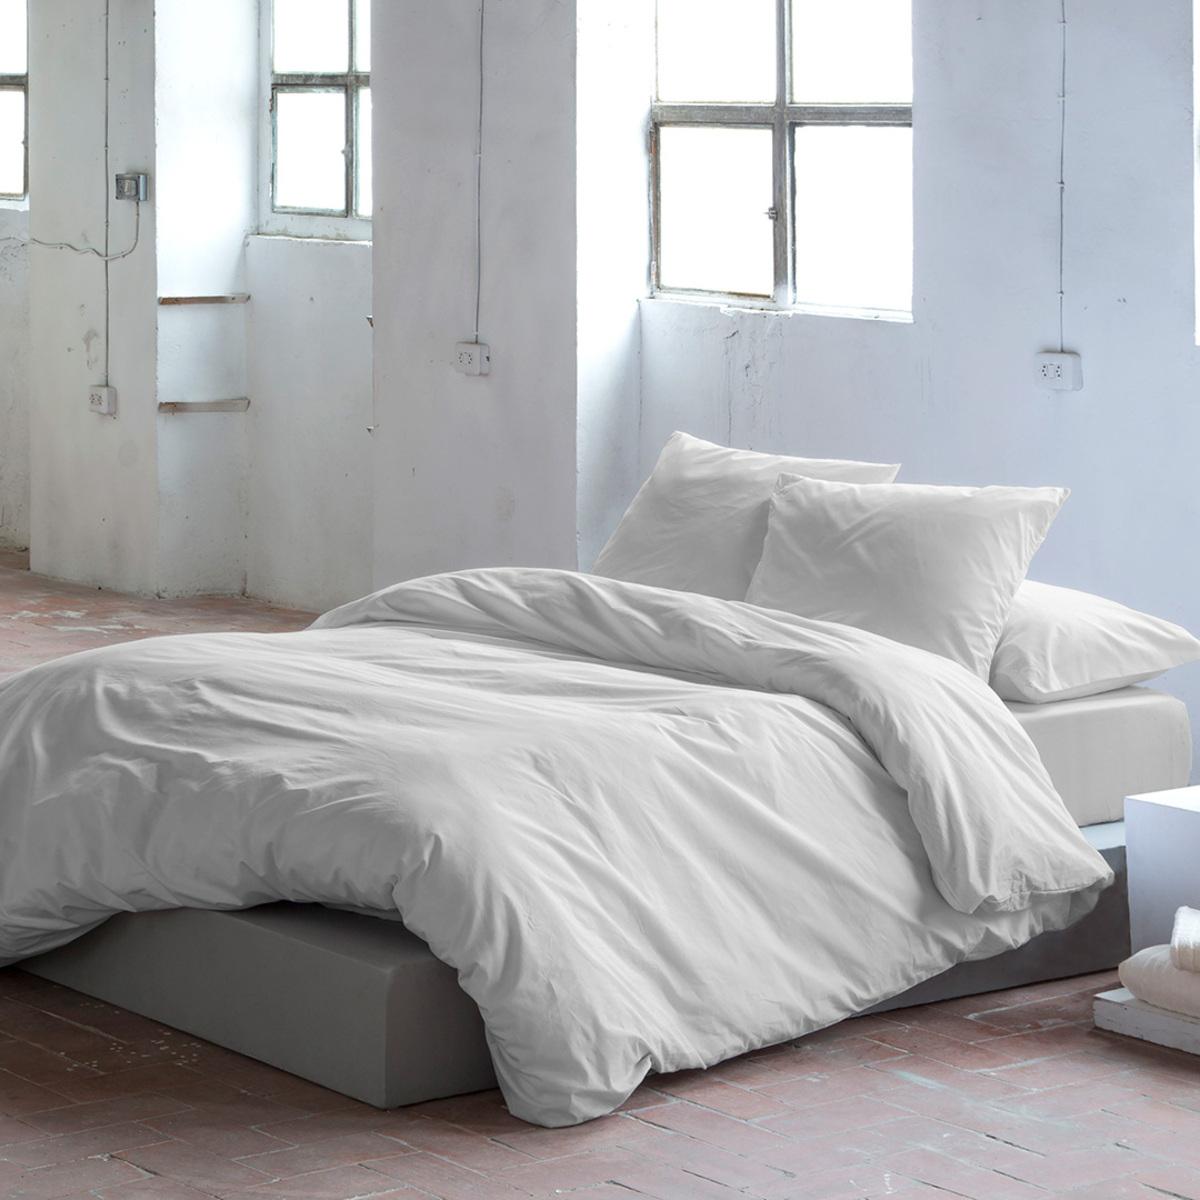 Housse de couette en coton gris 140x200 cm